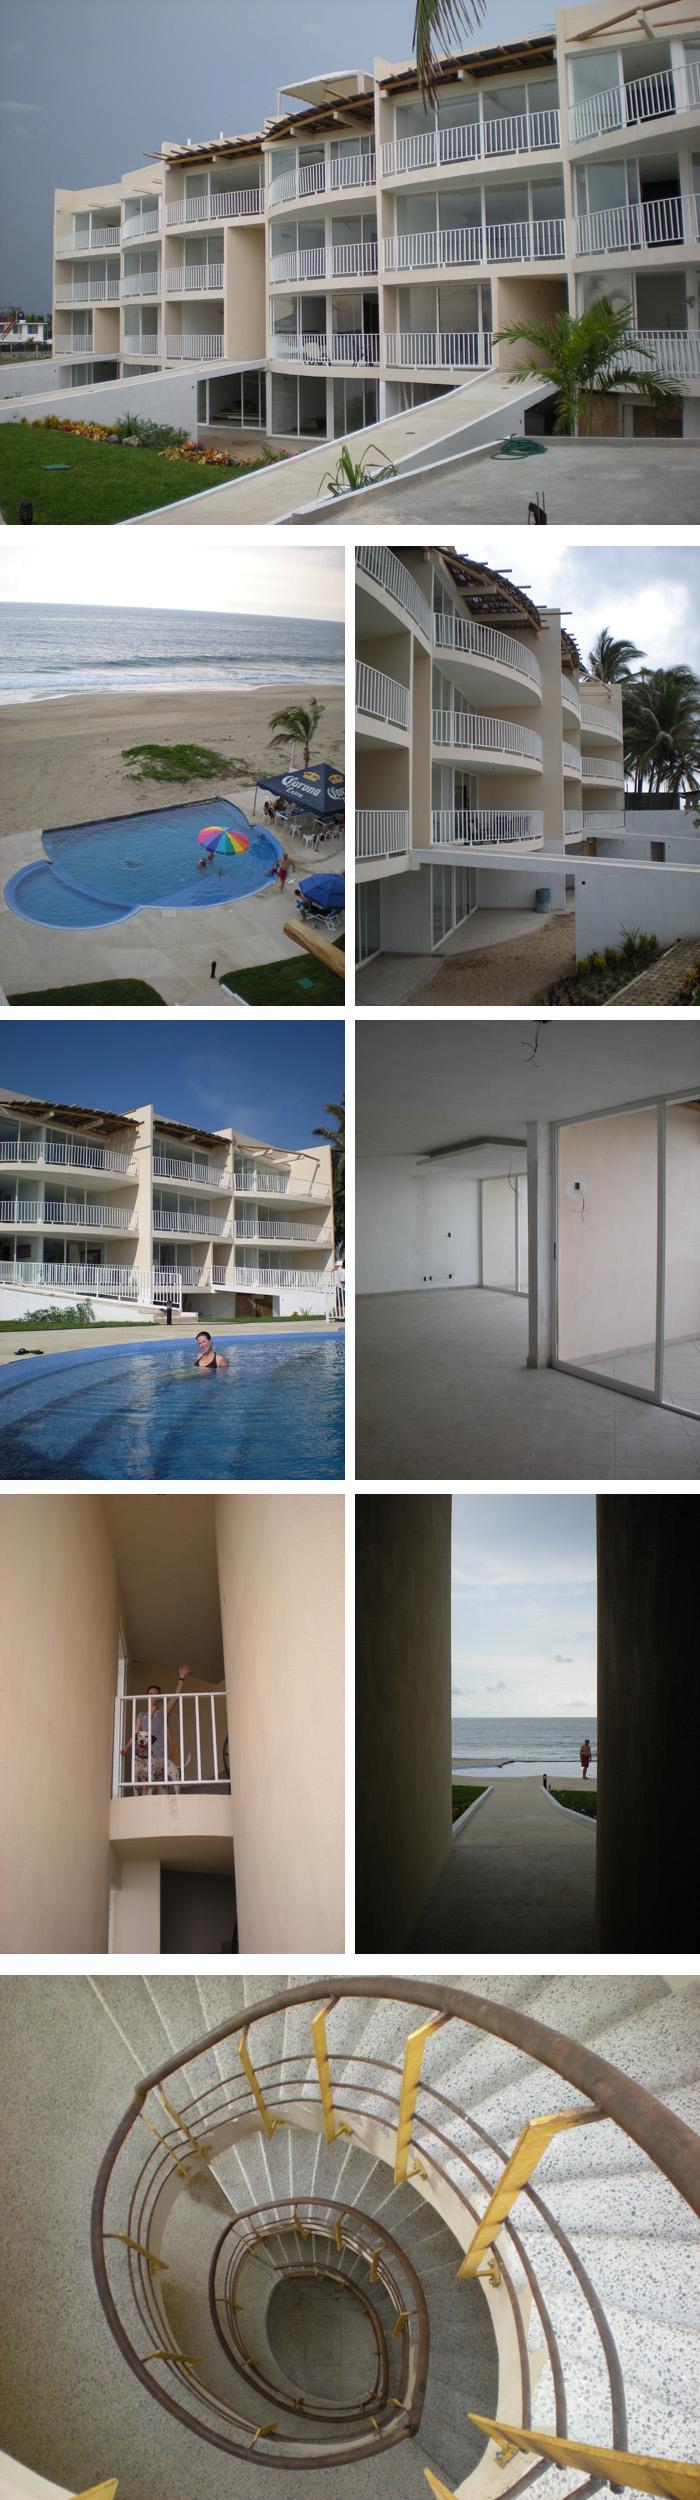 acapulco_mariana1